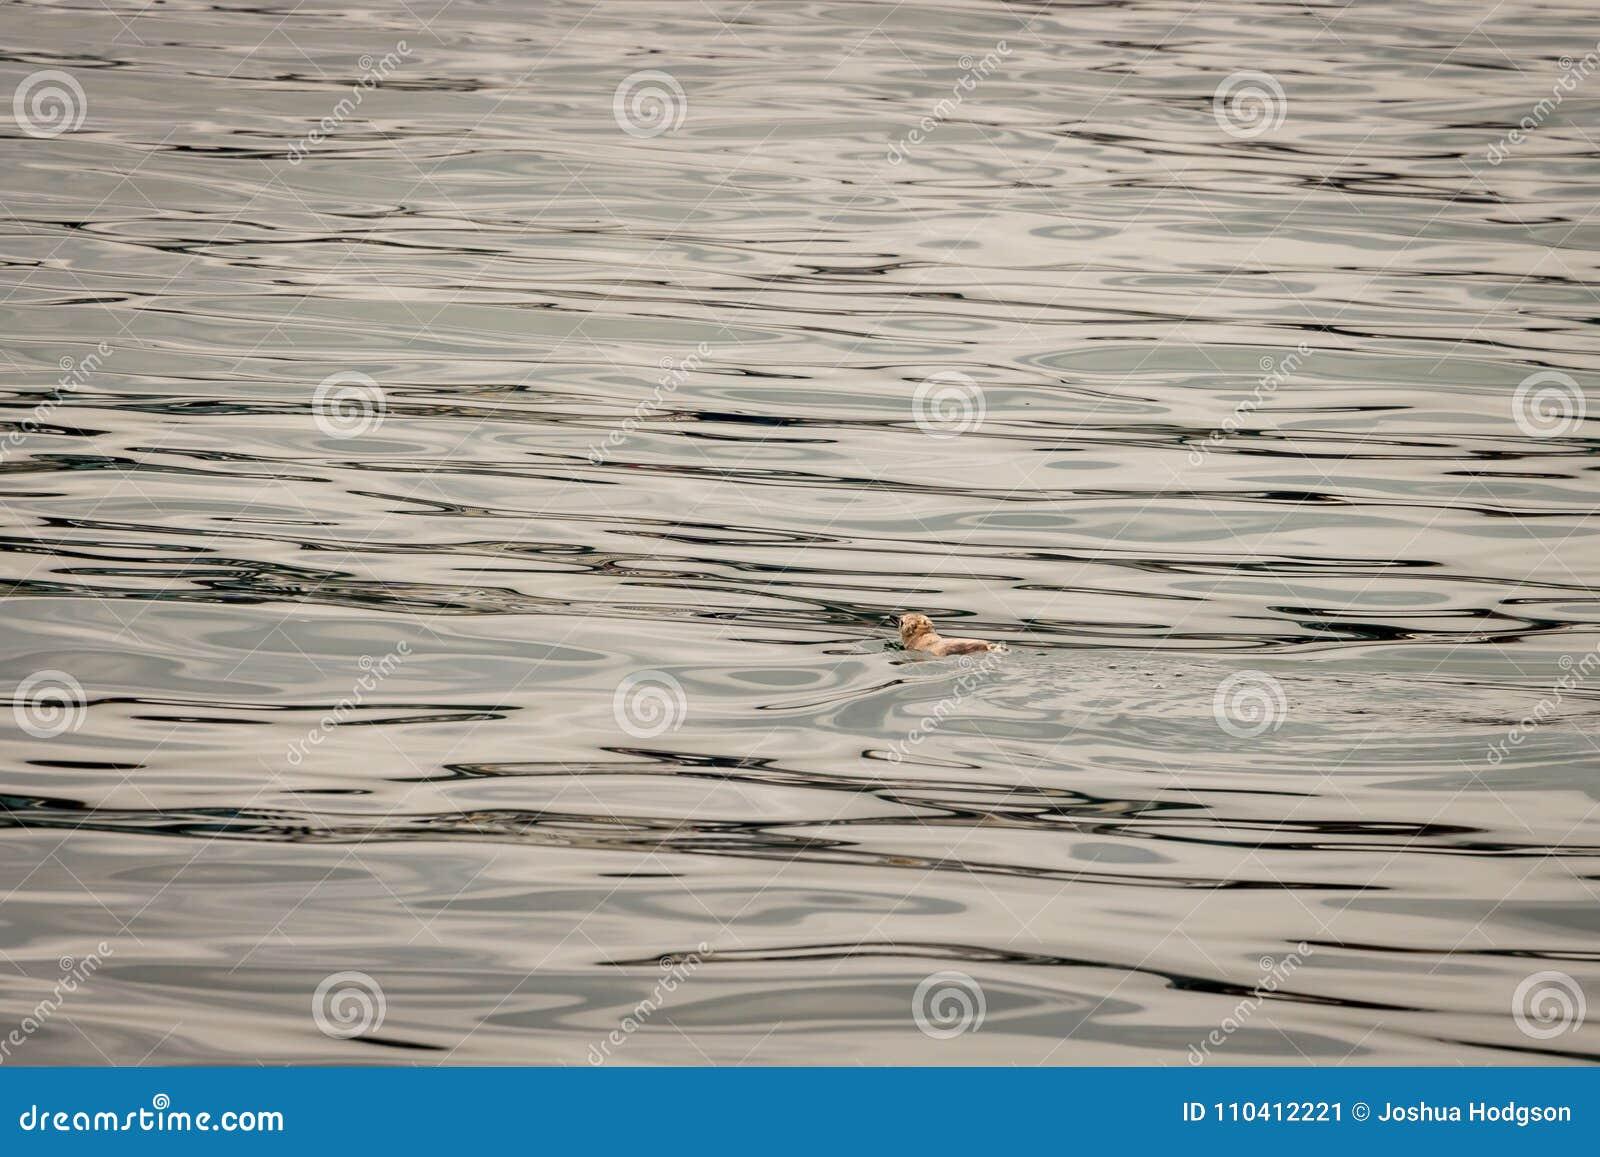 Le pingouin nage loin sur la mer calme avec l espace de copie négative